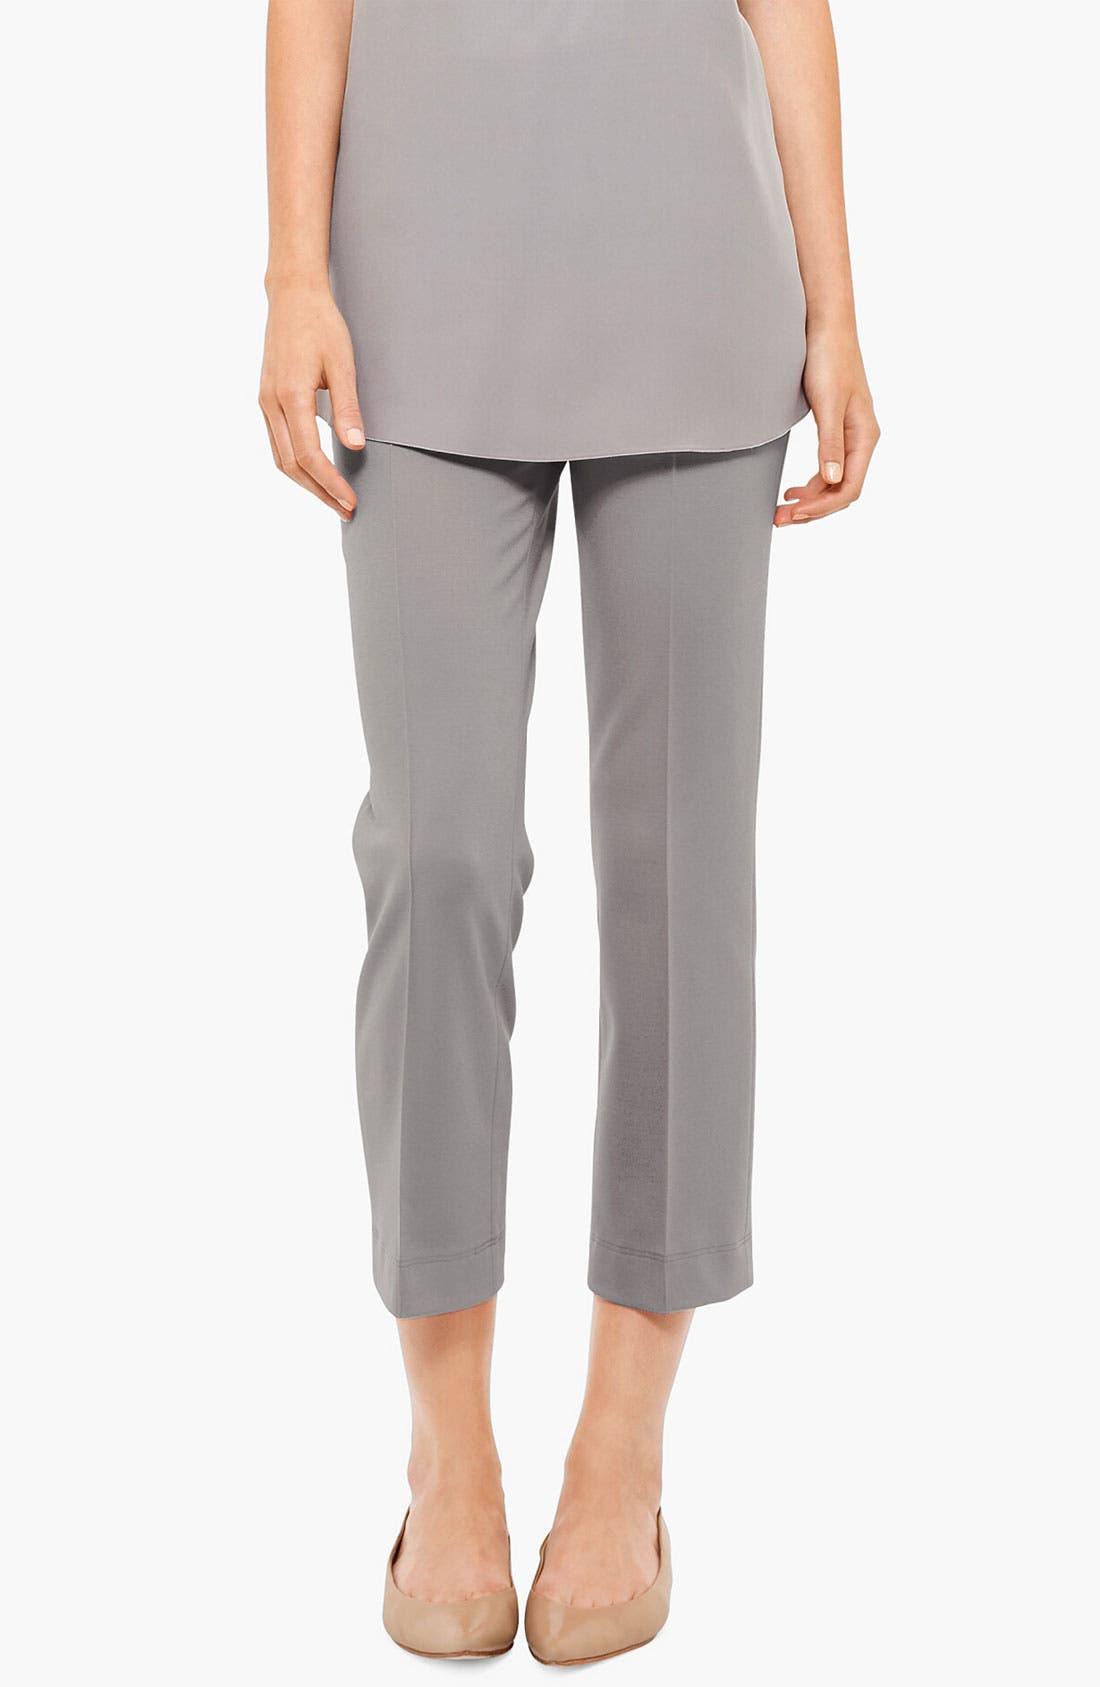 Alternate Image 1 Selected - Akris punto 'Marina' Side Zip Crop Jersey Pants